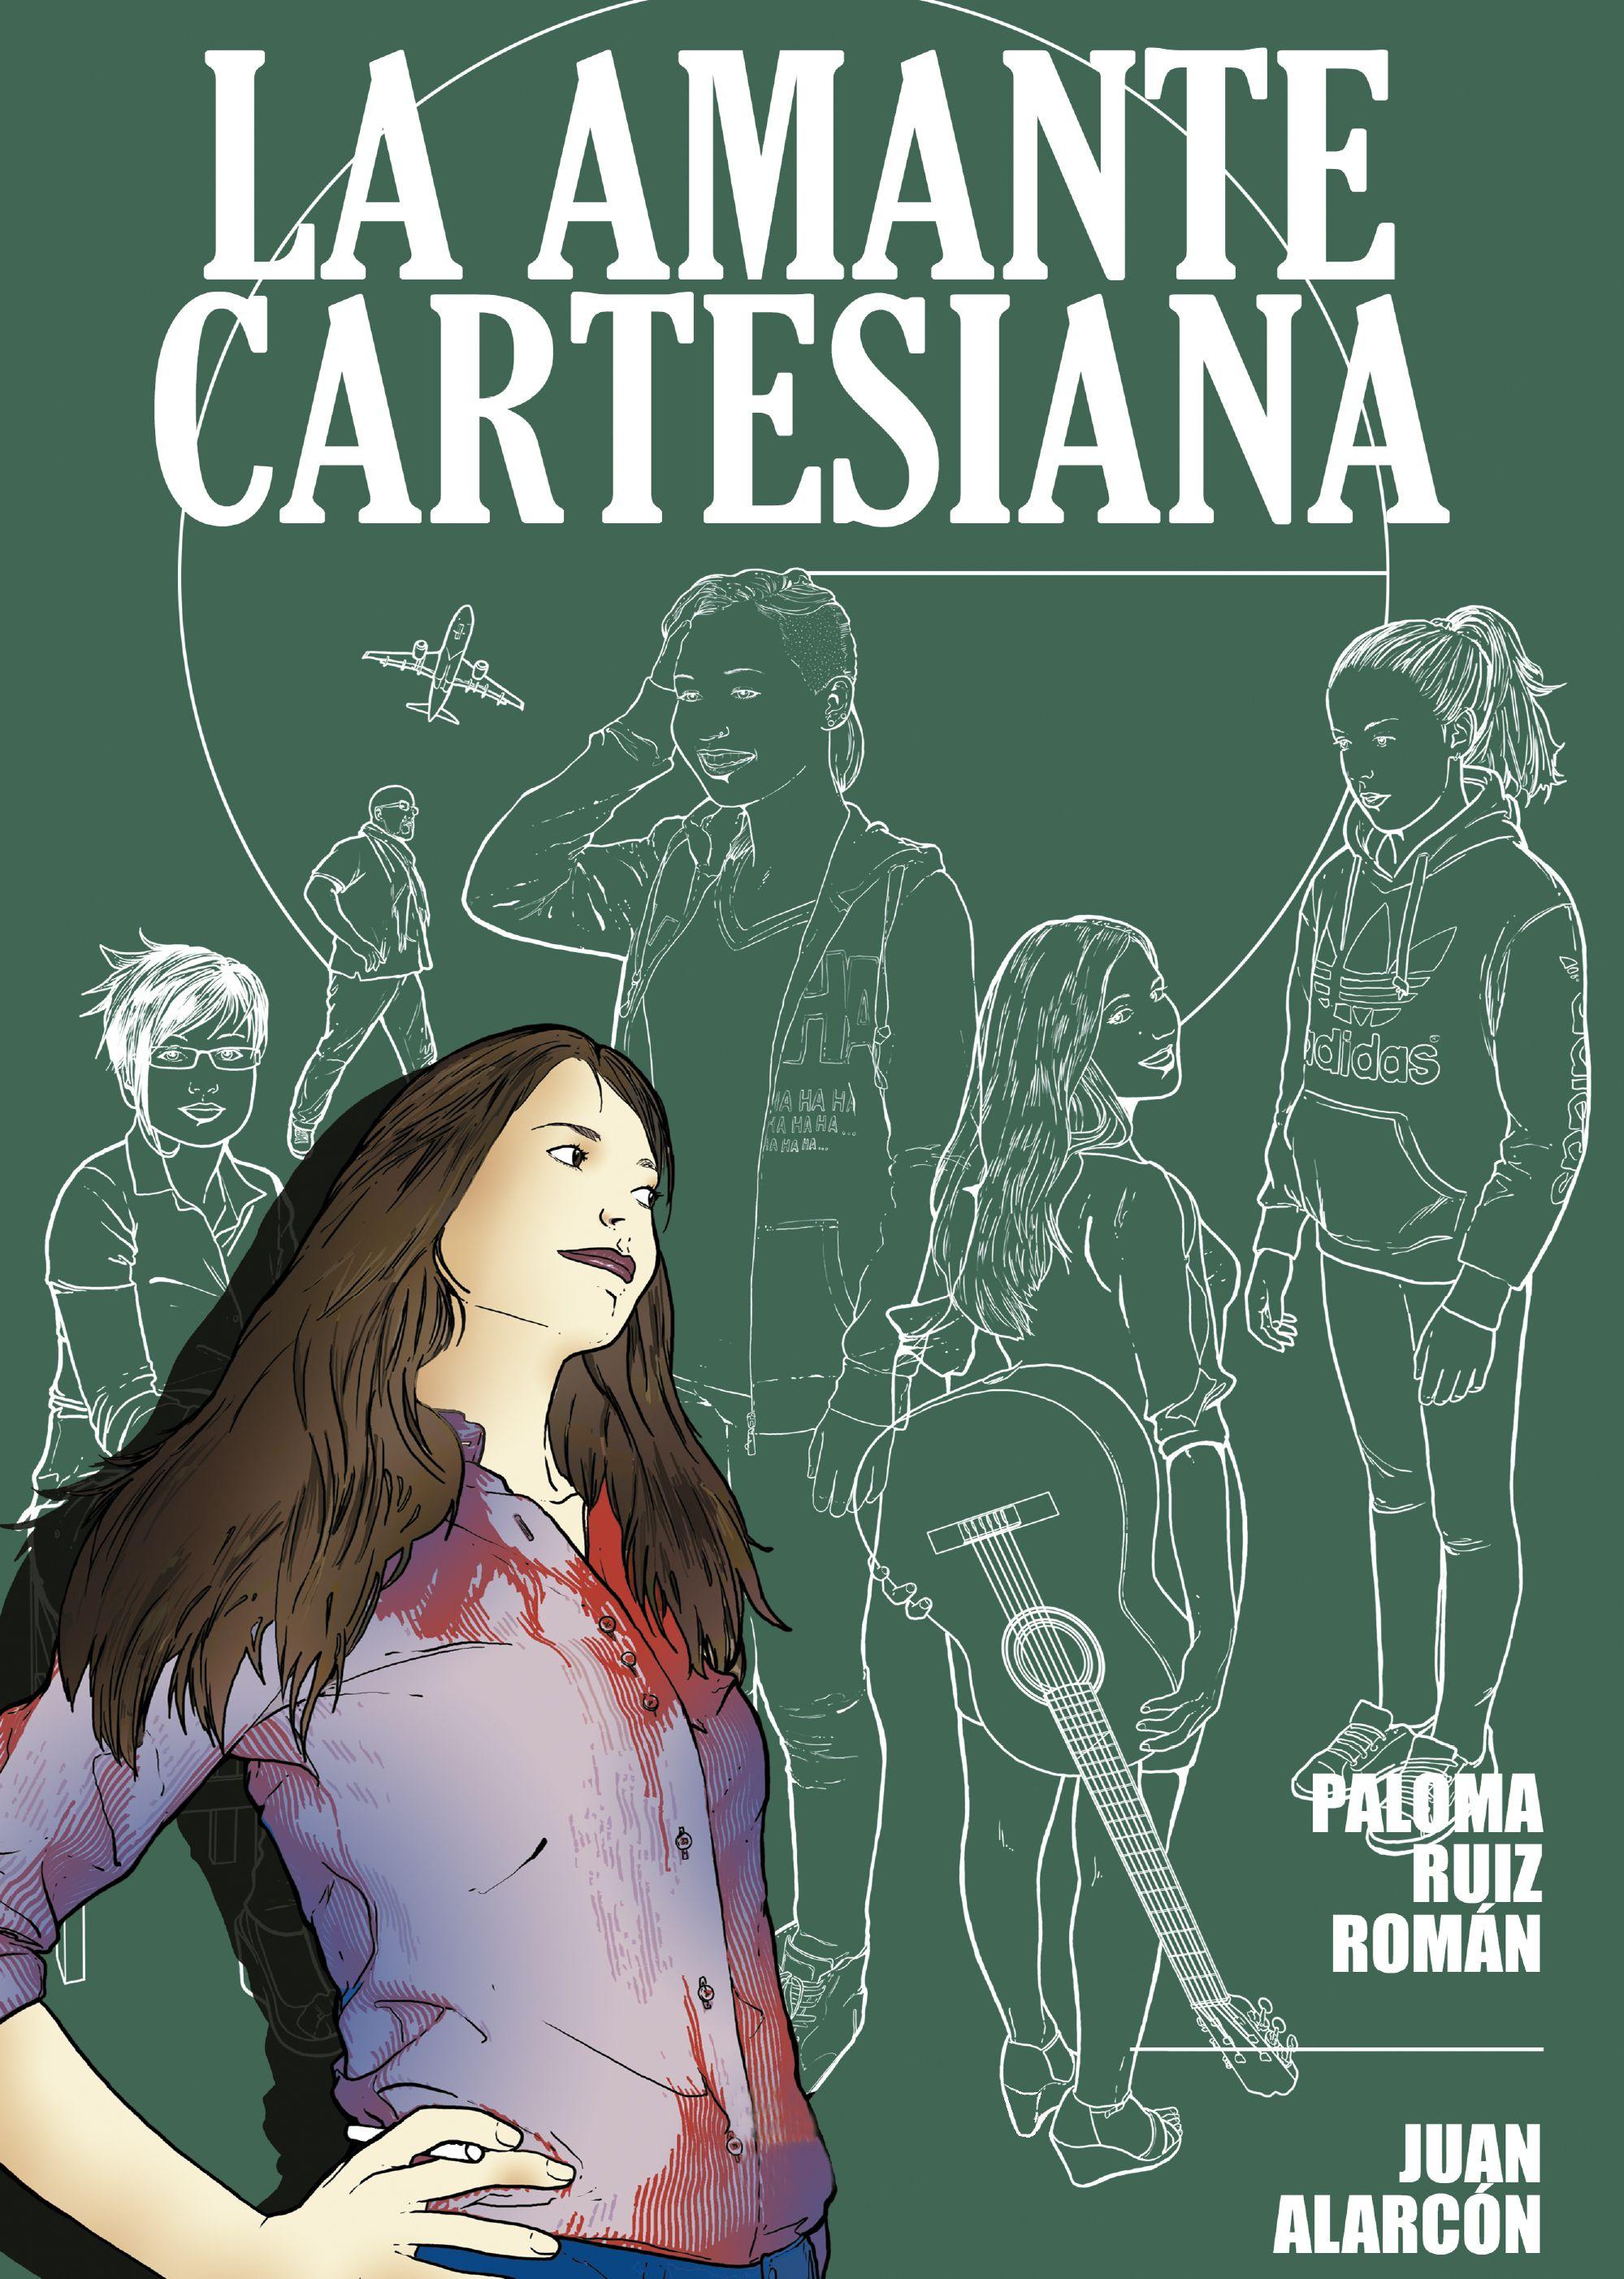 LA AMANTE CARTESIANA, Paloma Ruiz Román; Juan Alarcón | BDteca ...